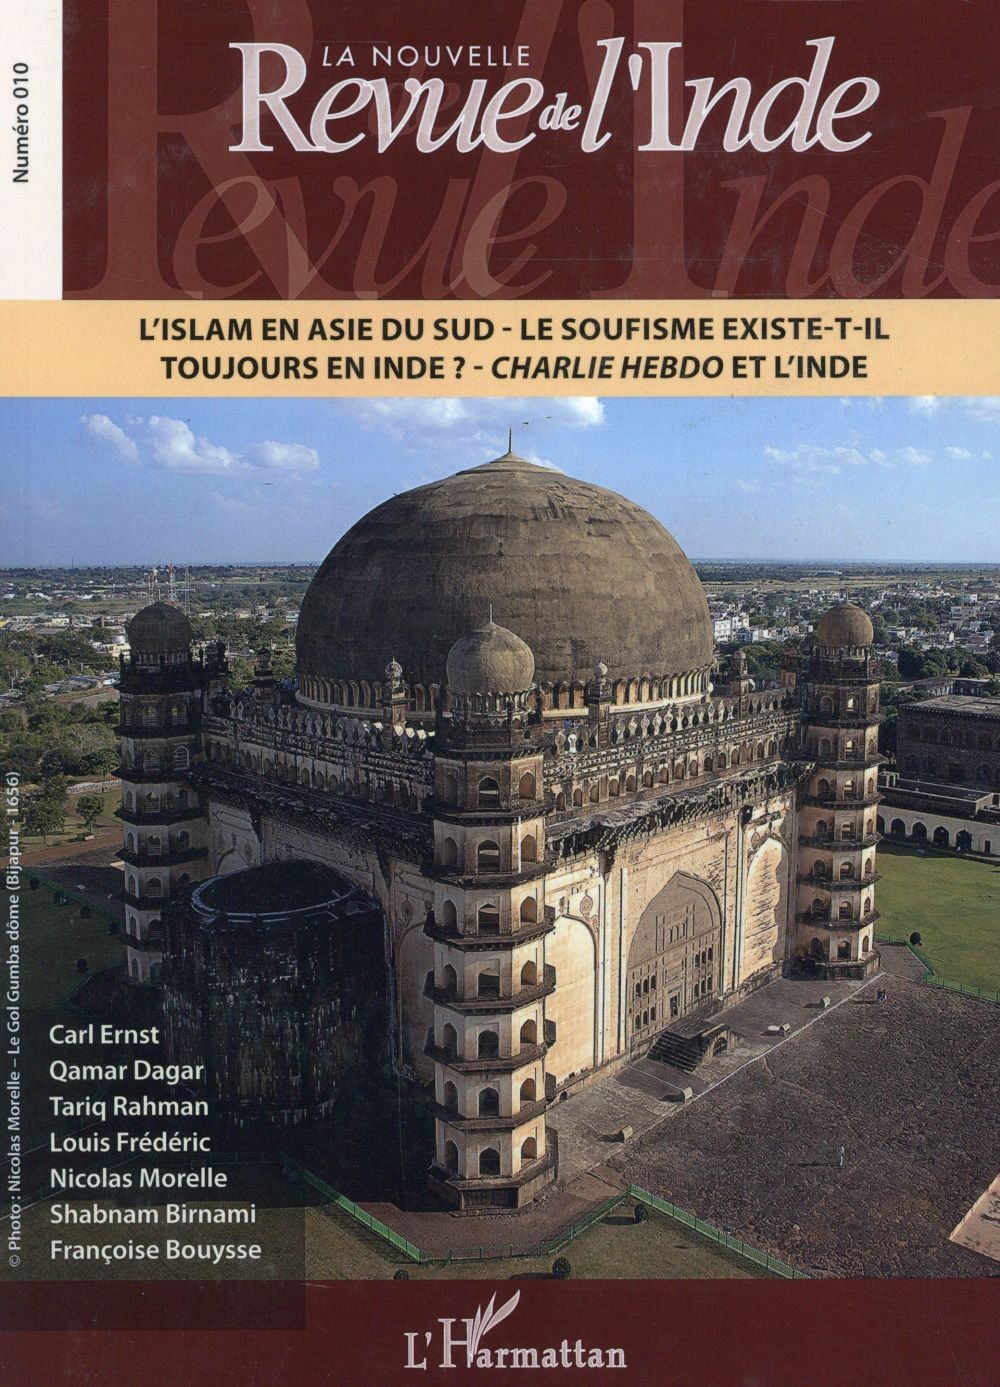 NOUVELLE REVUE DE L'INDE 10 L'ISLAM EN ASIE DU SUD LE SOUFISME EXISTE T IL TOUJOURS EN INDE CHARLIE